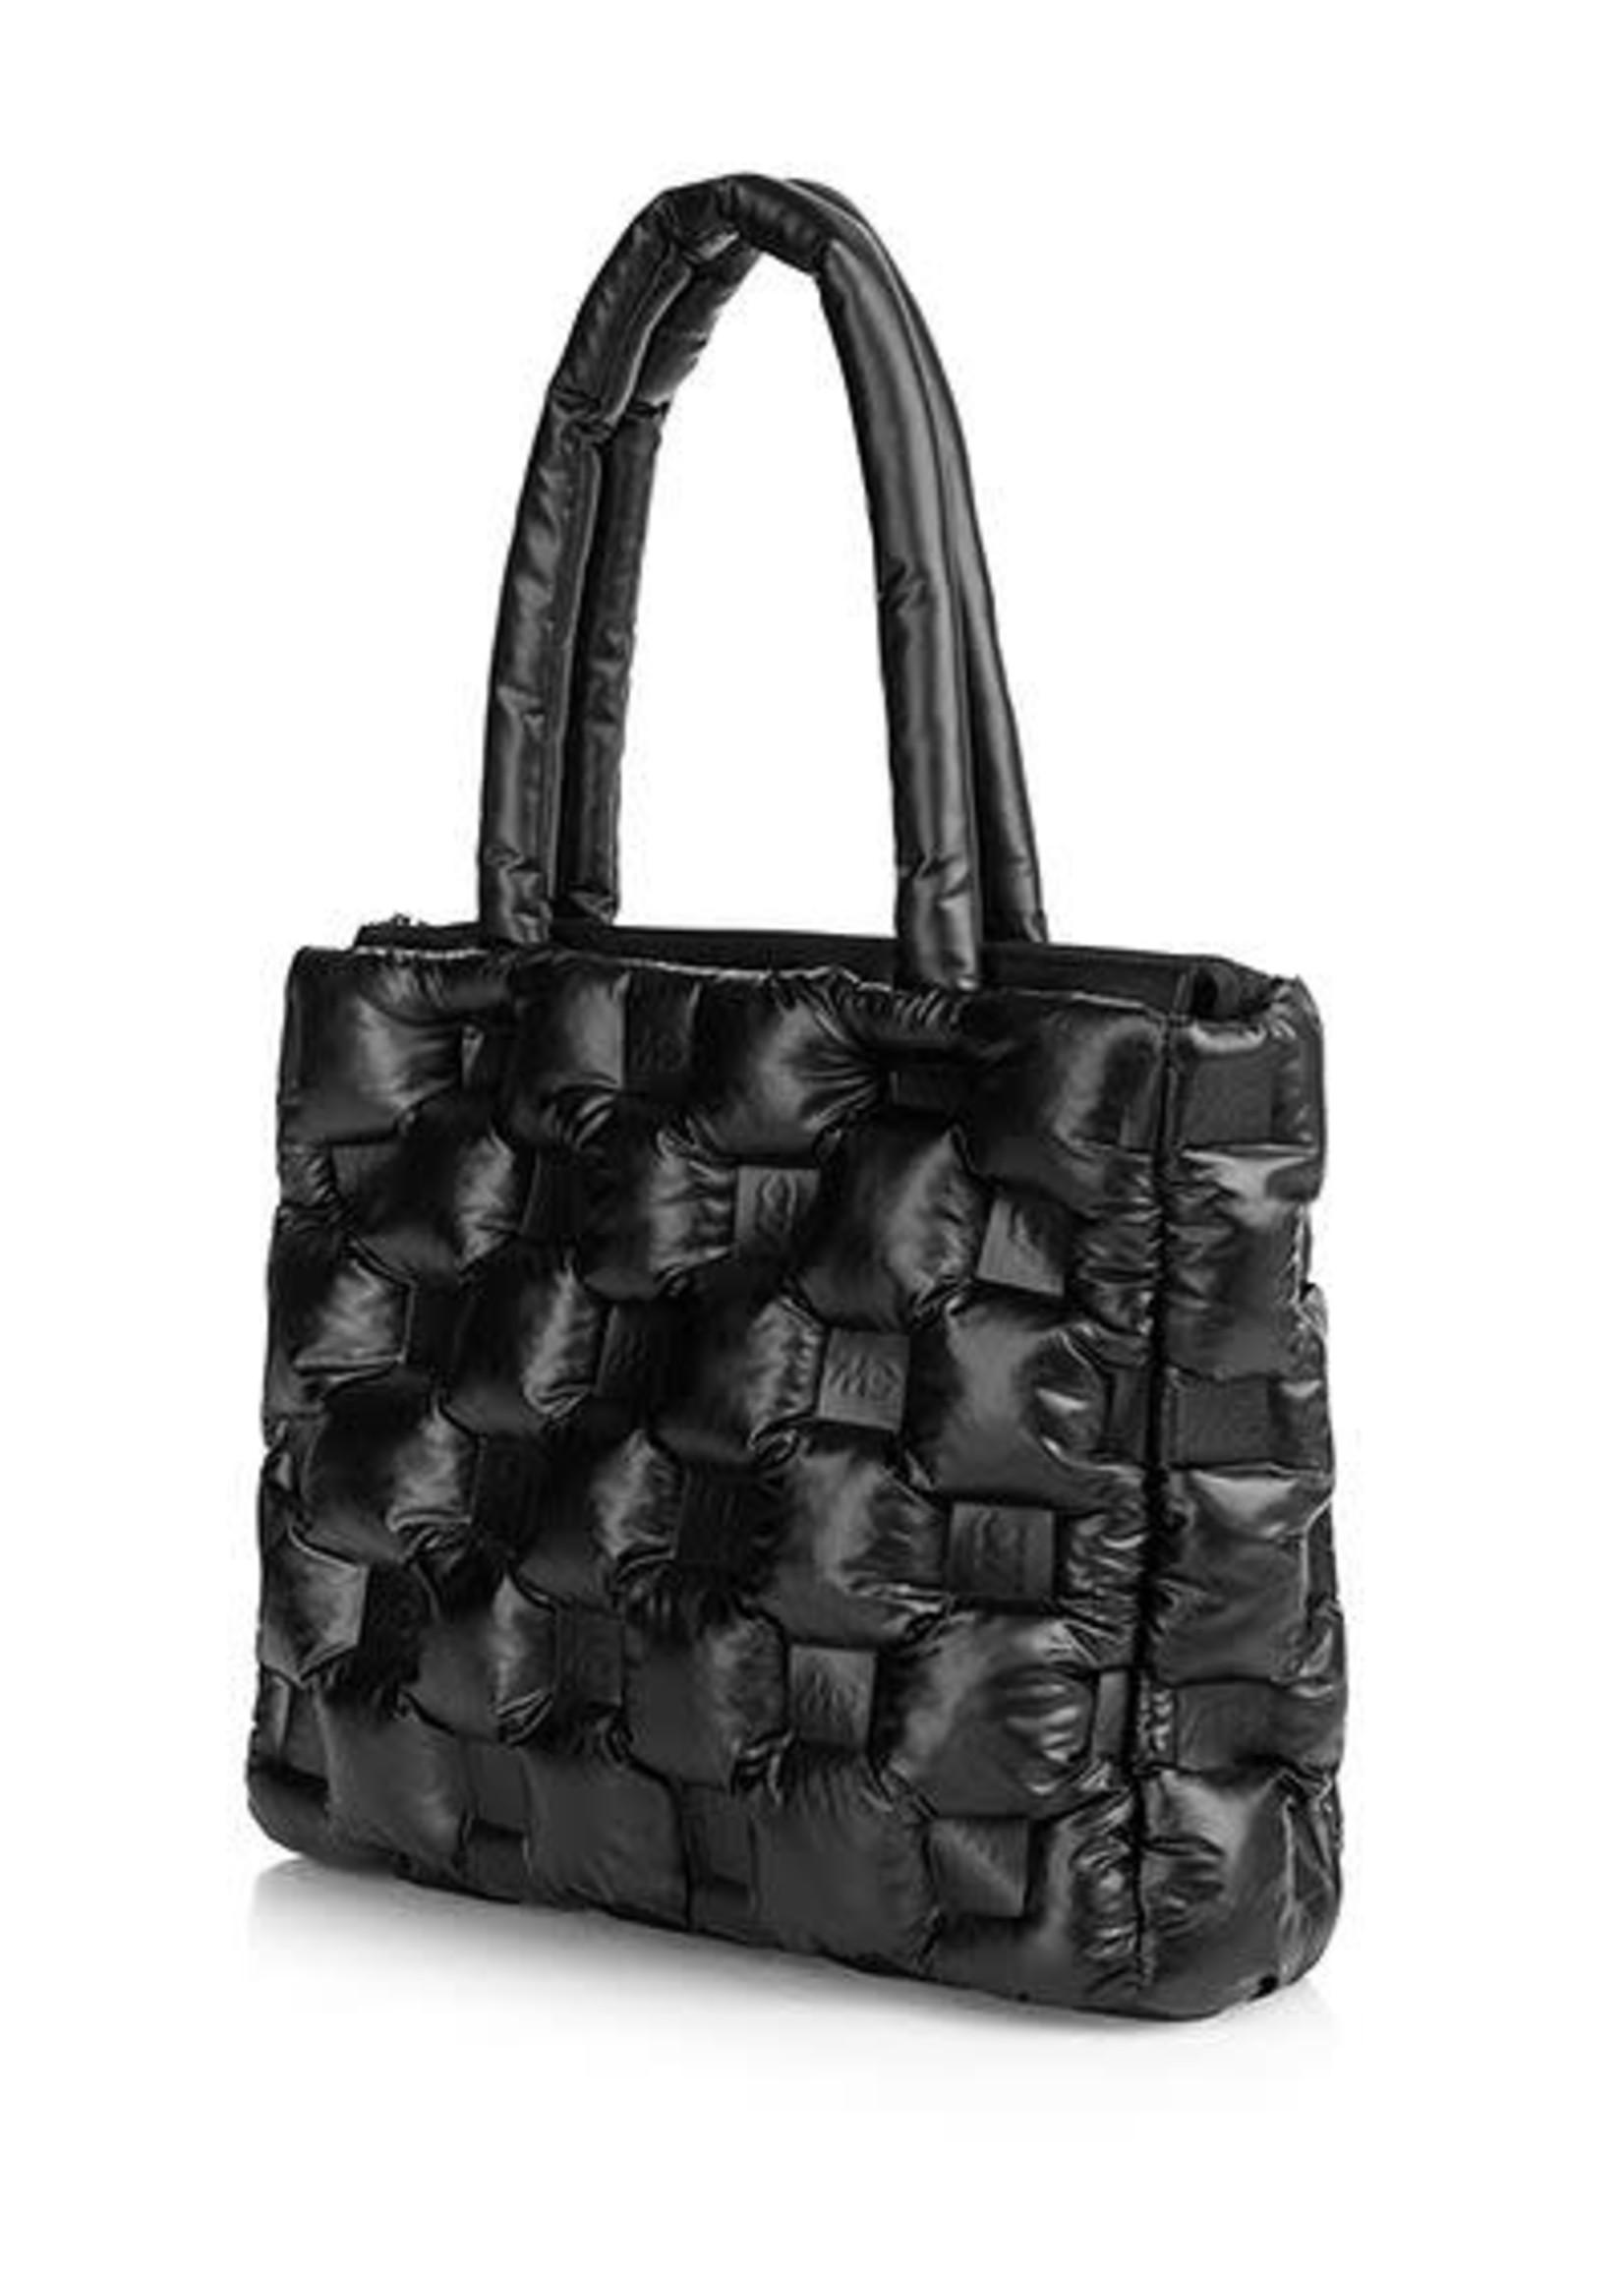 Marccain Bags & Shoes Shopper RB T6.08 W12 black